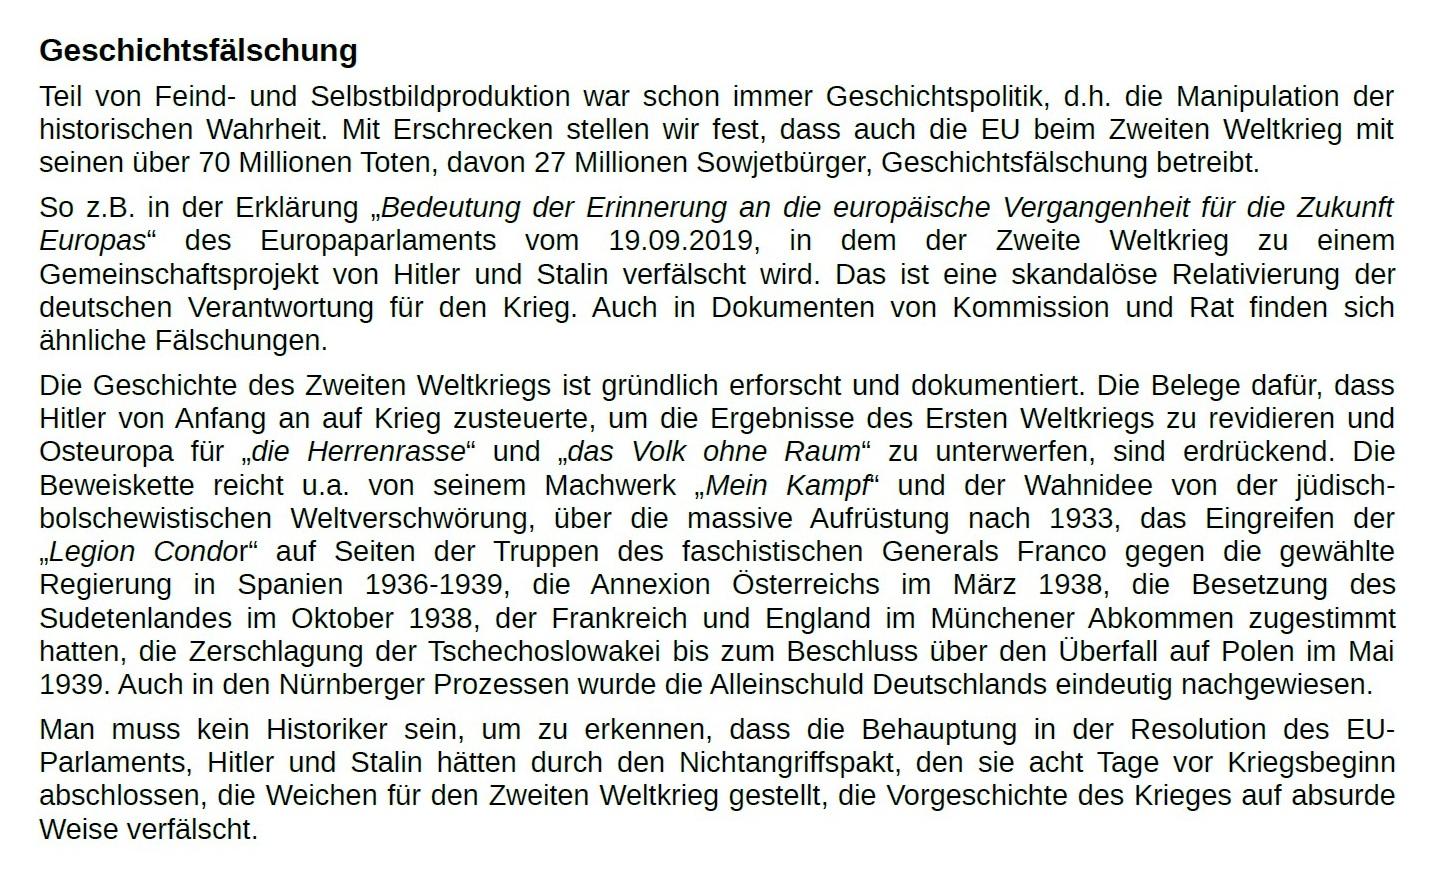 Aus dem Posteingang von Dr. Marianne Linke - ATTAC-Erklärung zum 76. Jahrestag der Befreiung von Auschwitz - PDF - Seite 2 Abschnitt 2